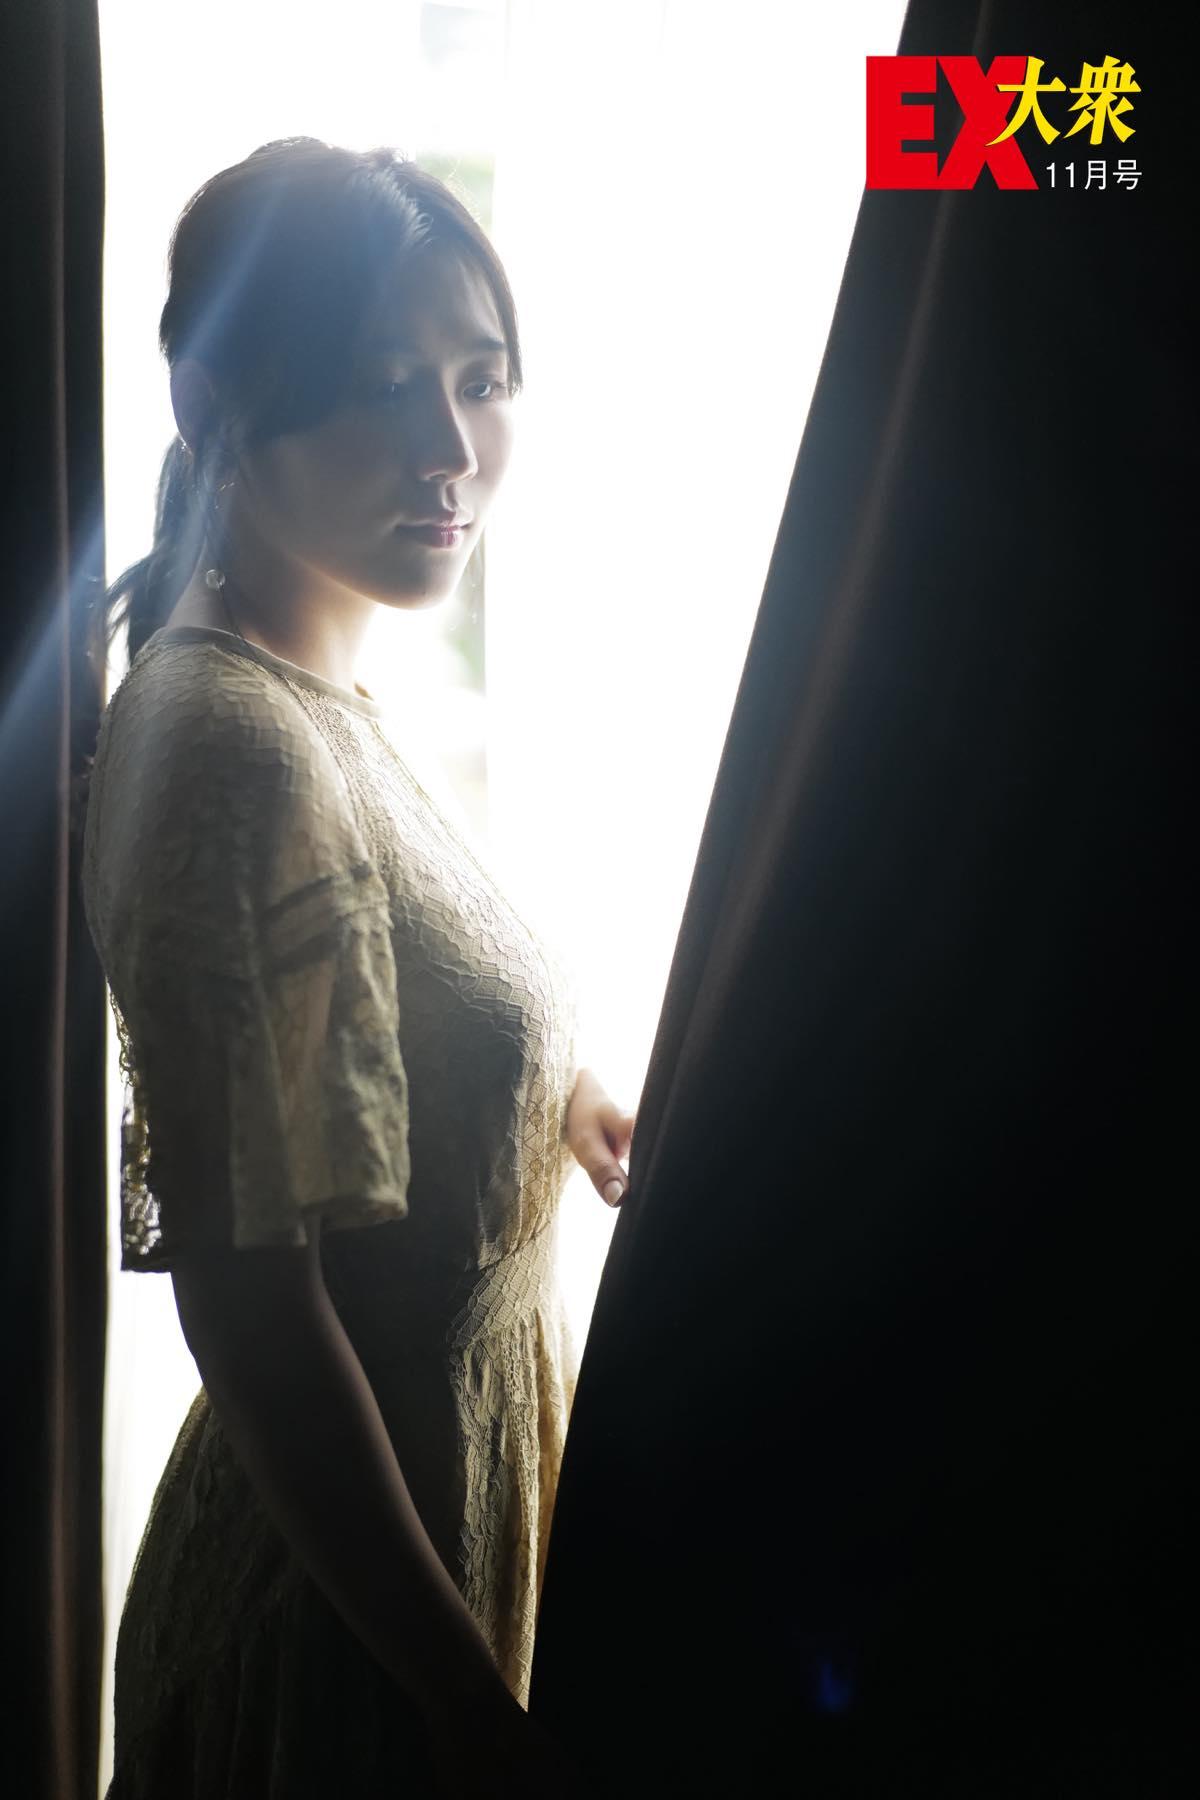 元AKB48西野未姫「絞りきった美ボディ」デジタル写真集を発売!【画像7枚】の画像001